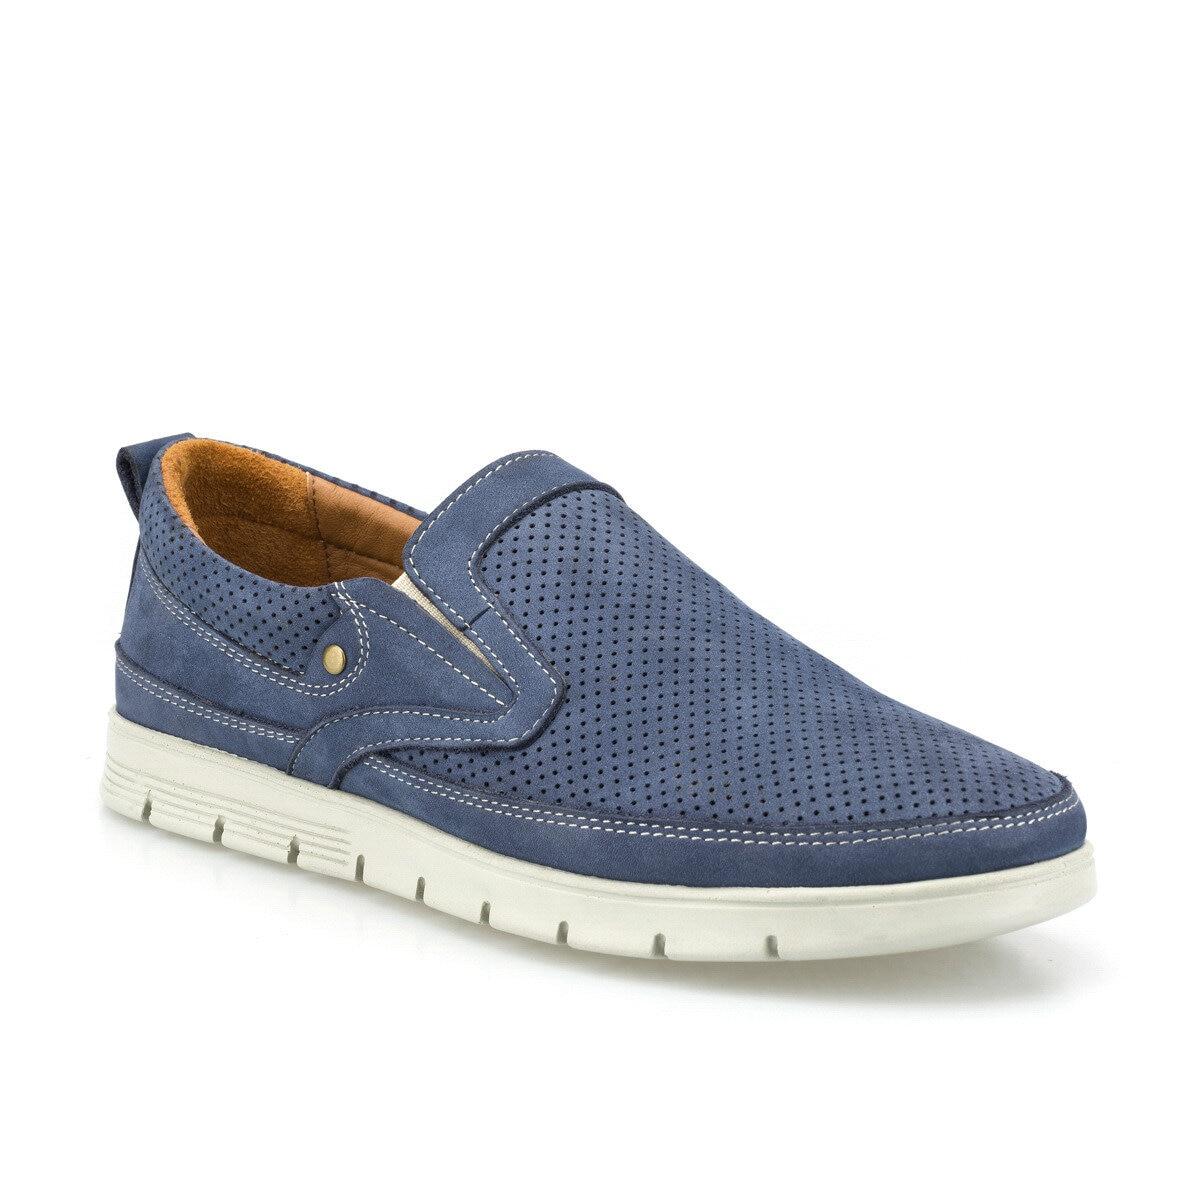 FLO 102101NM Navy Blue Men 'S Comfort Shoes Polaris 5 Point